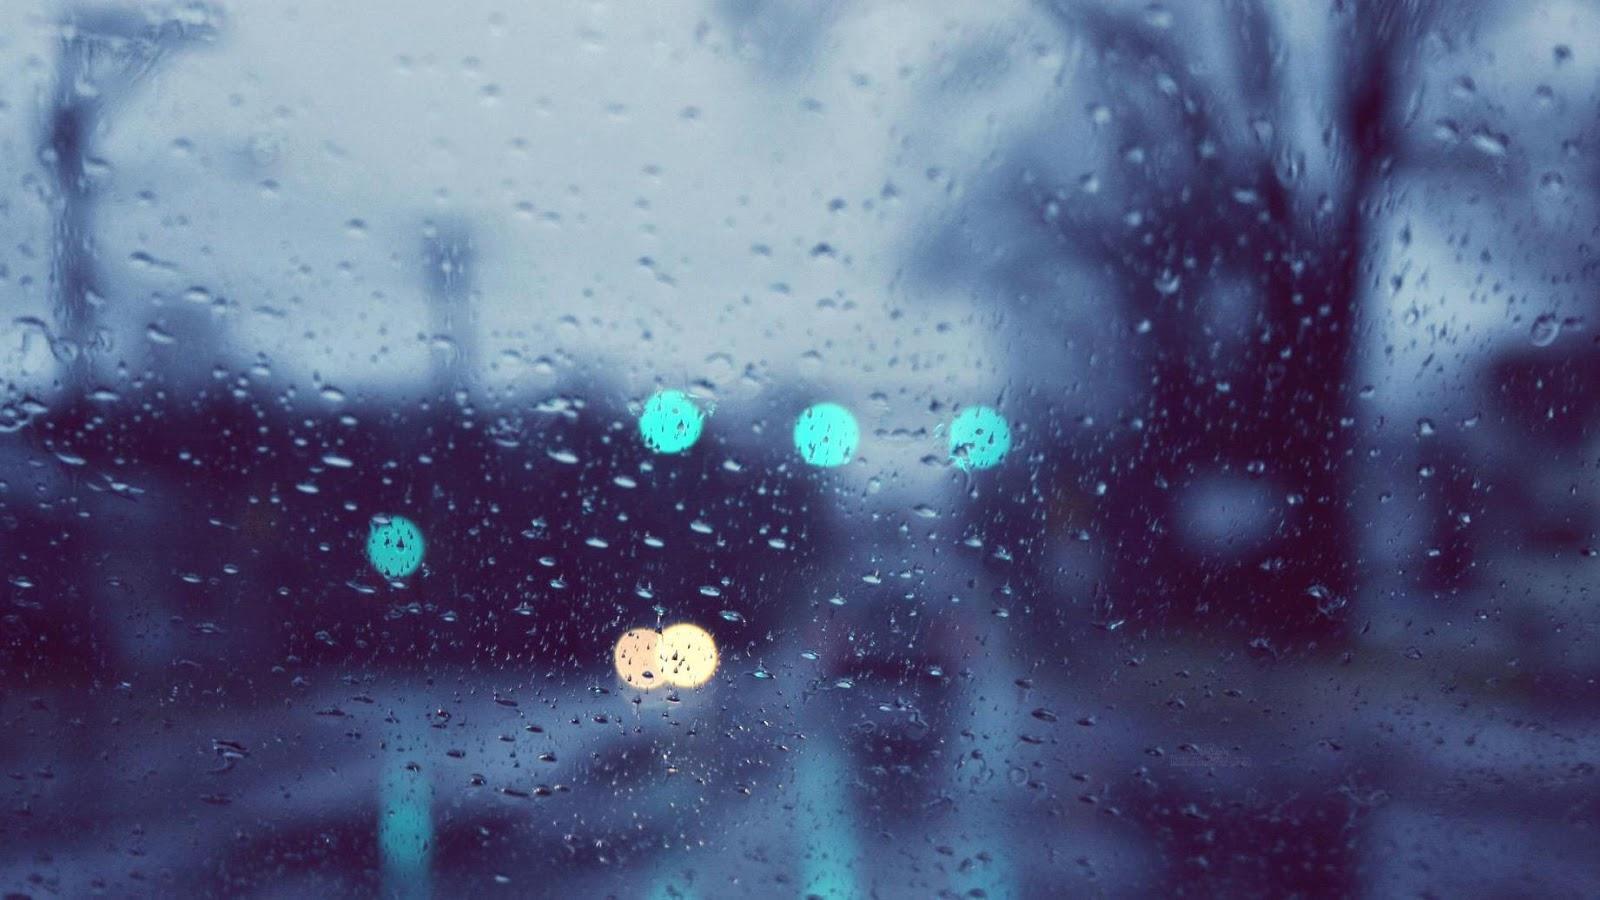 GAMBAR DP HUJAN TERBARU Rintik Hujan Sedih Galau Jadi Satu